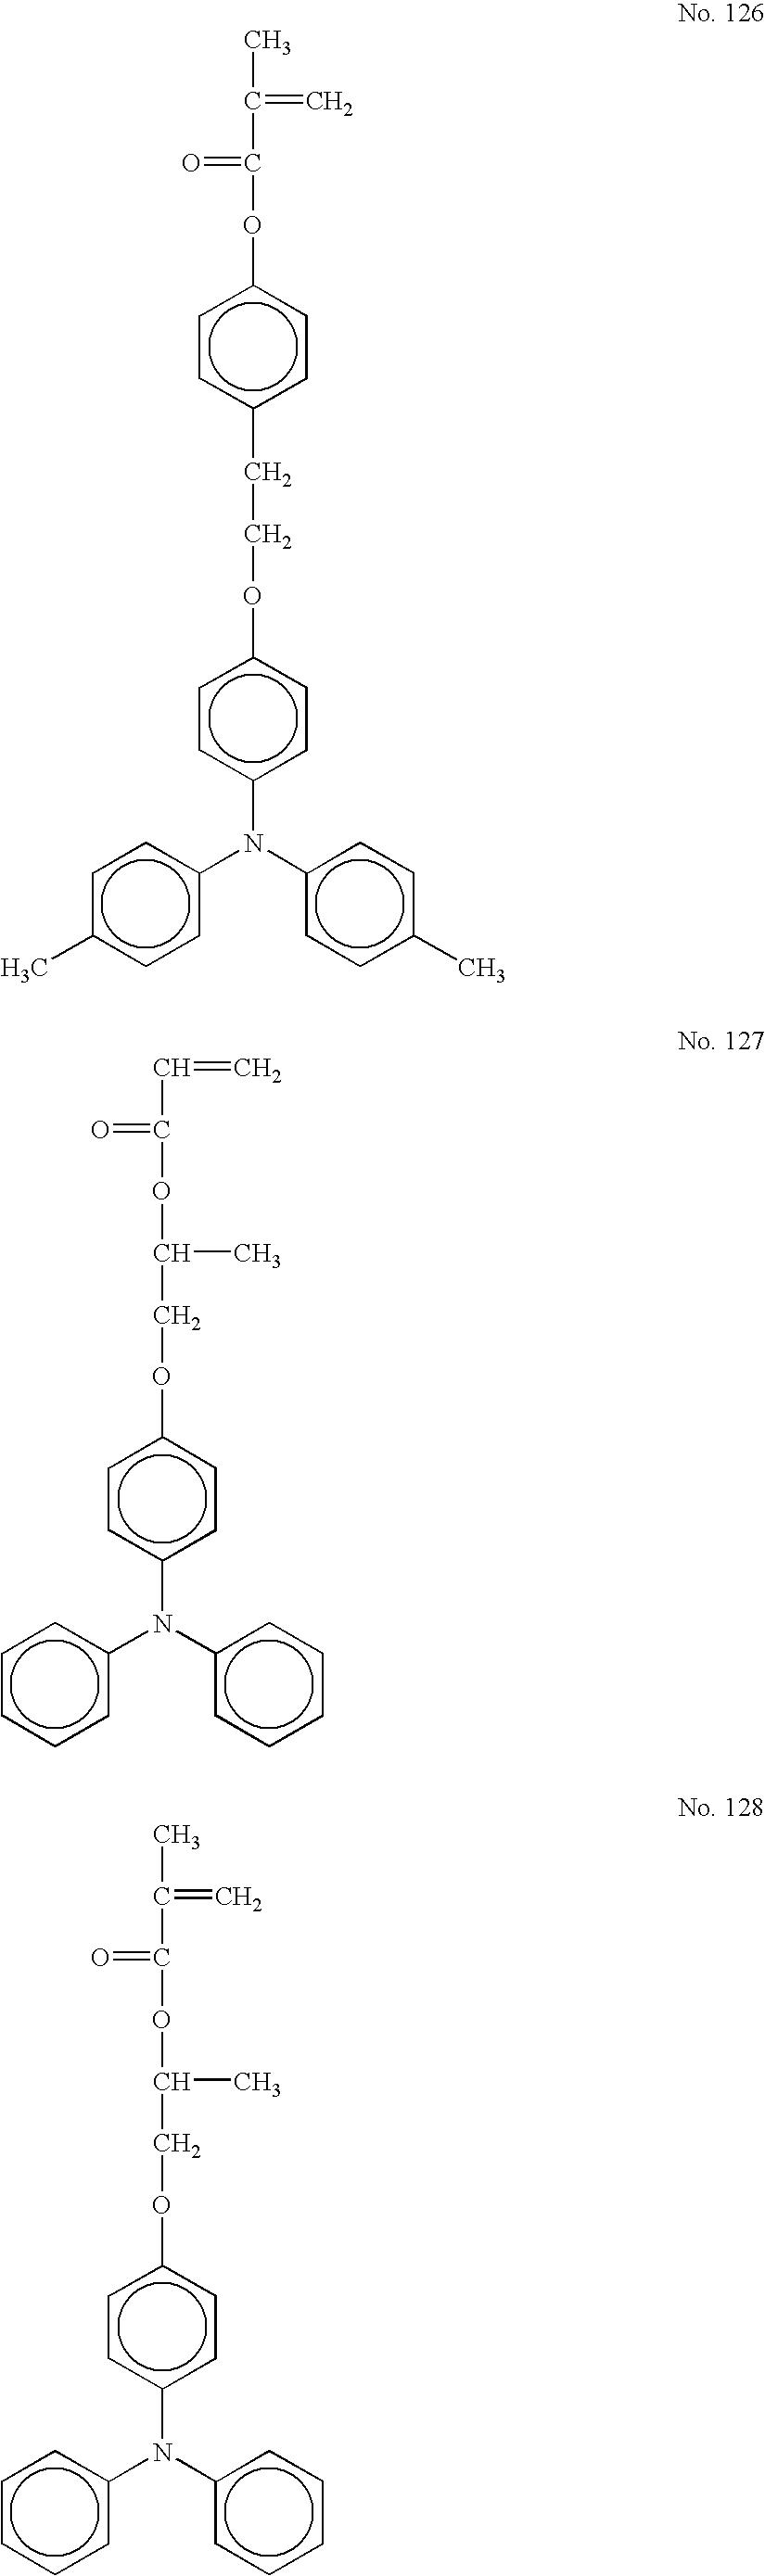 Figure US20050175911A1-20050811-C00046